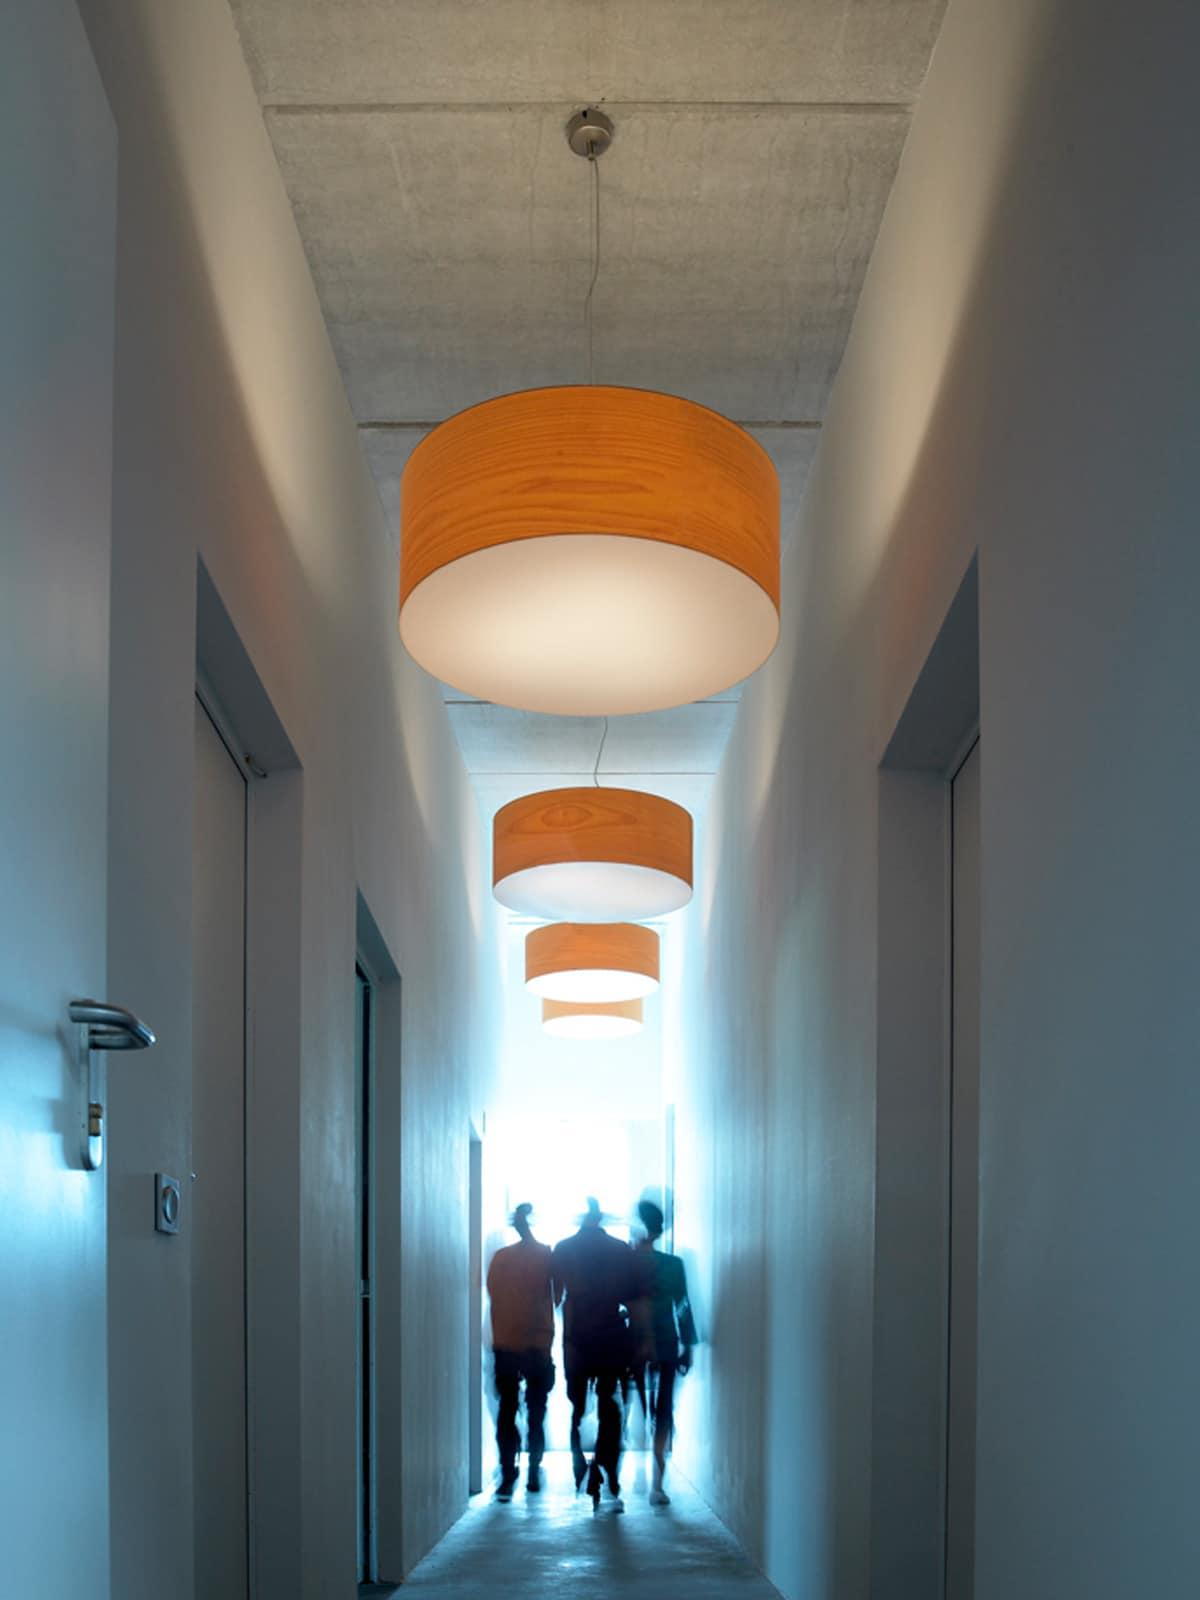 DesignOrt Blog: Trommelförmige Designerleuchten Pendelleuchten Super Gea LZF